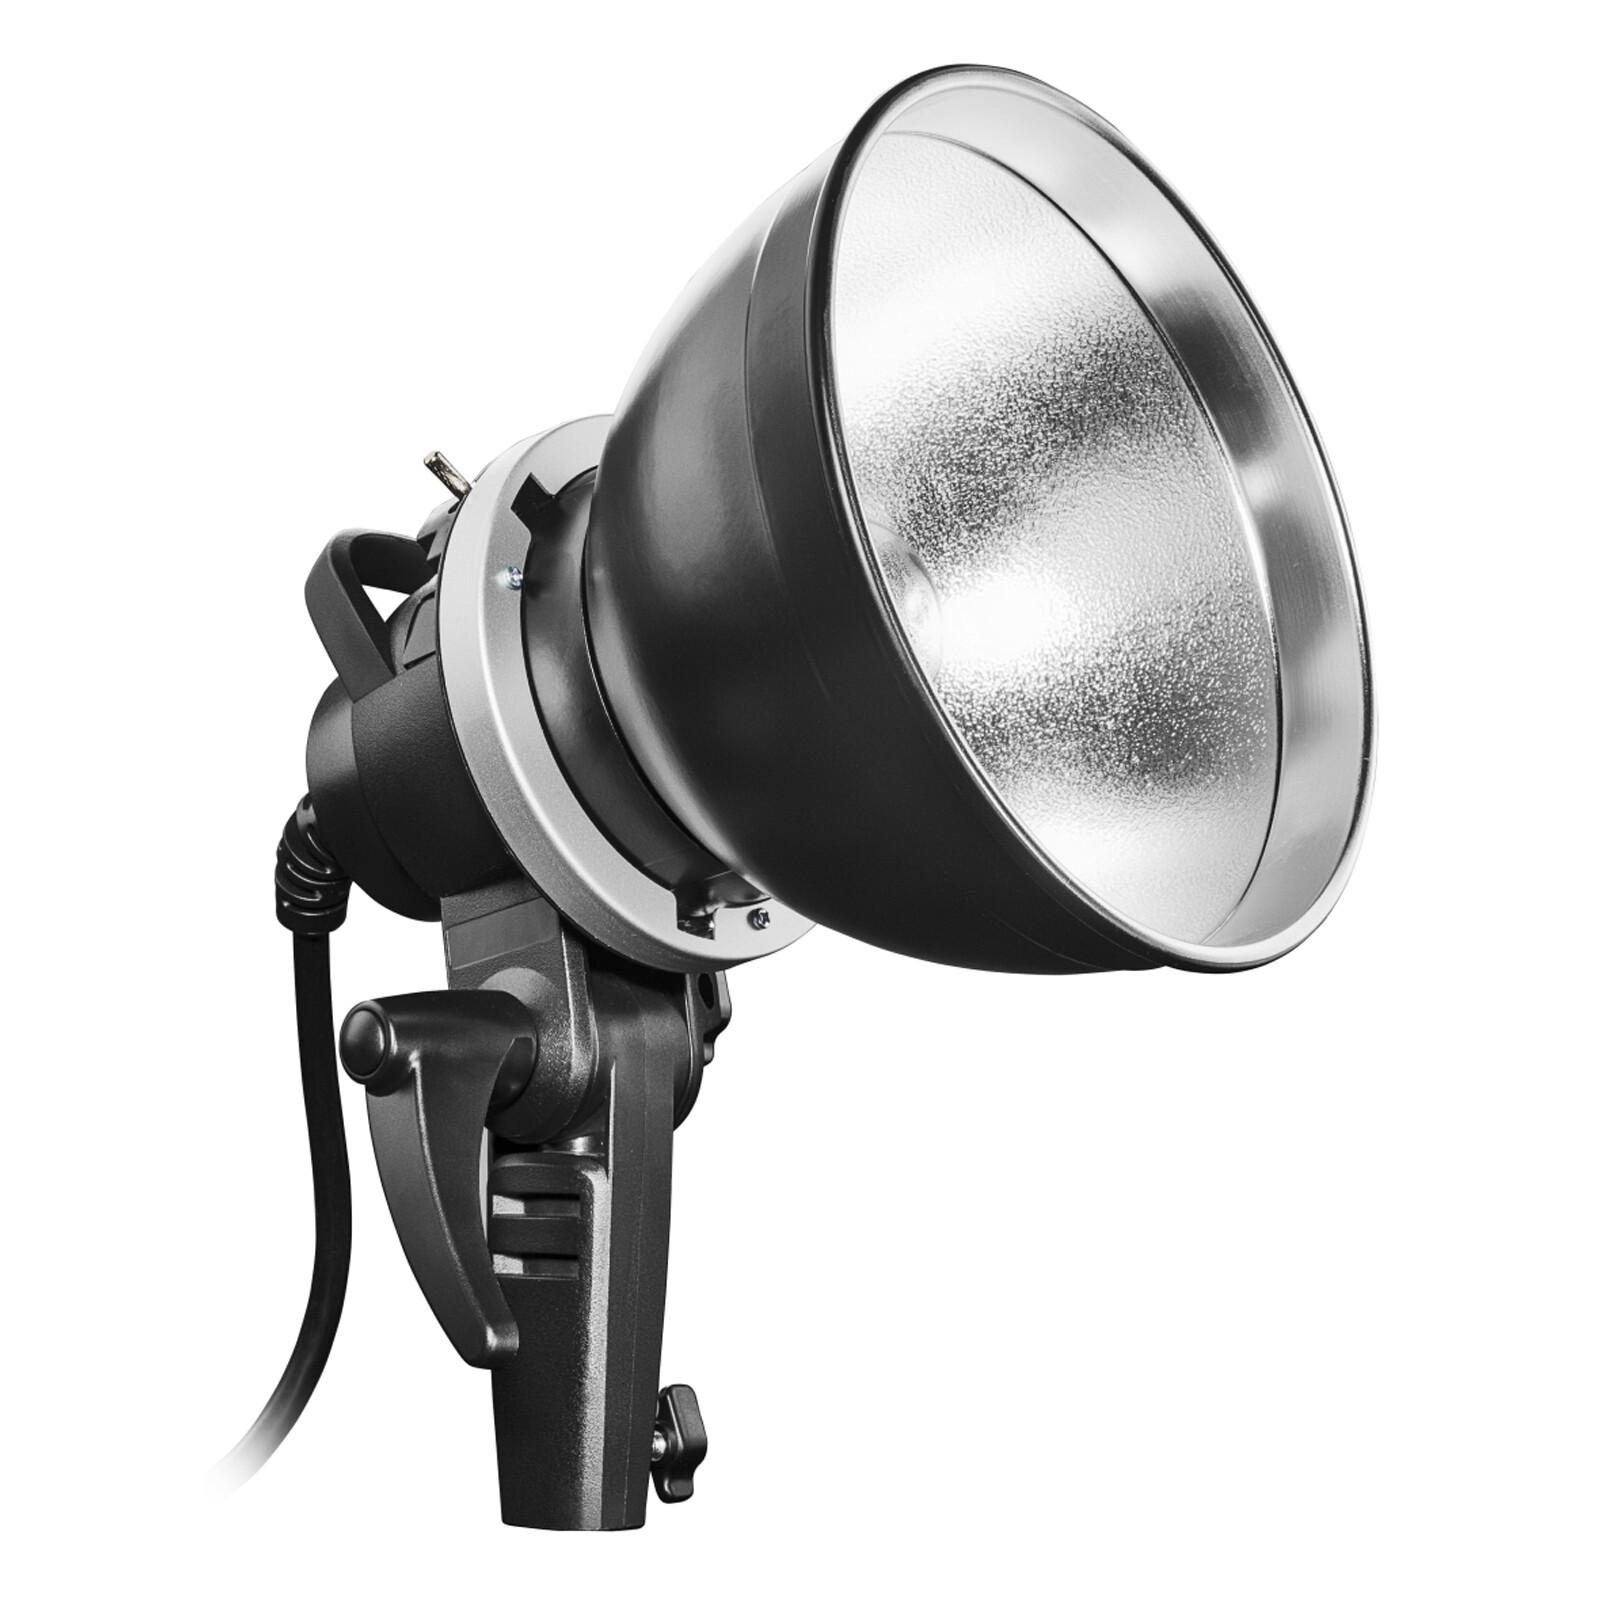 walimex pro Handblitz H600 für Akkublitz Flash2Go